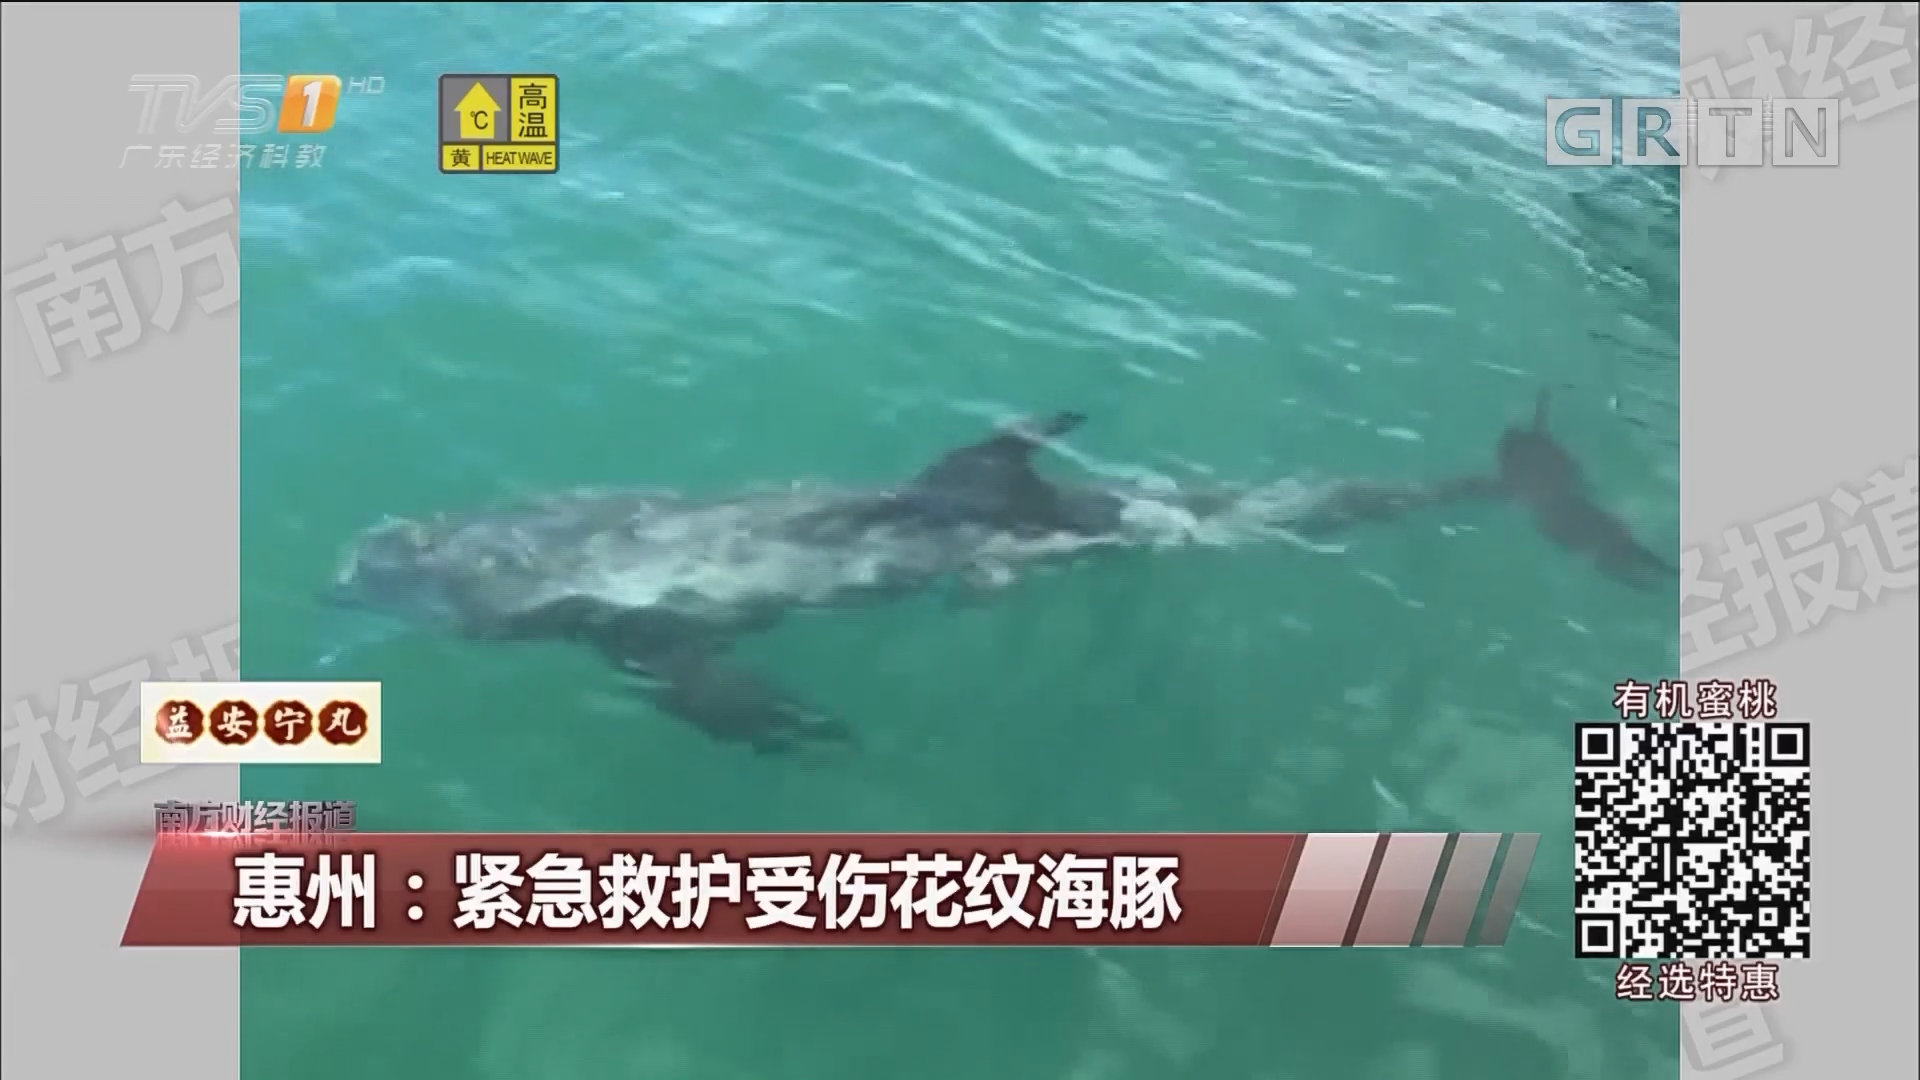 惠州:紧急救护受伤花纹海豚